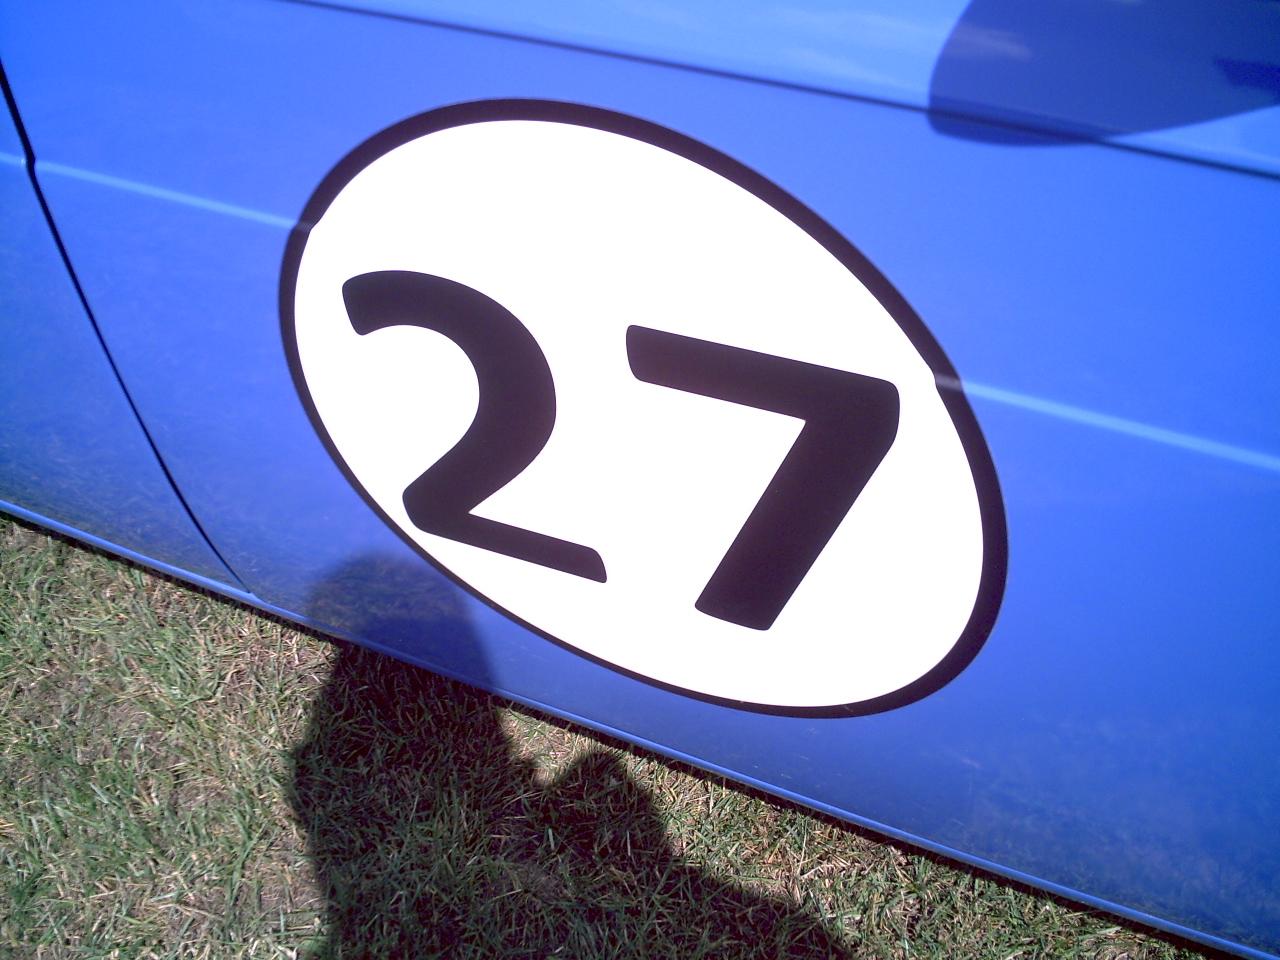 stickers en vrac + autres stickers 133